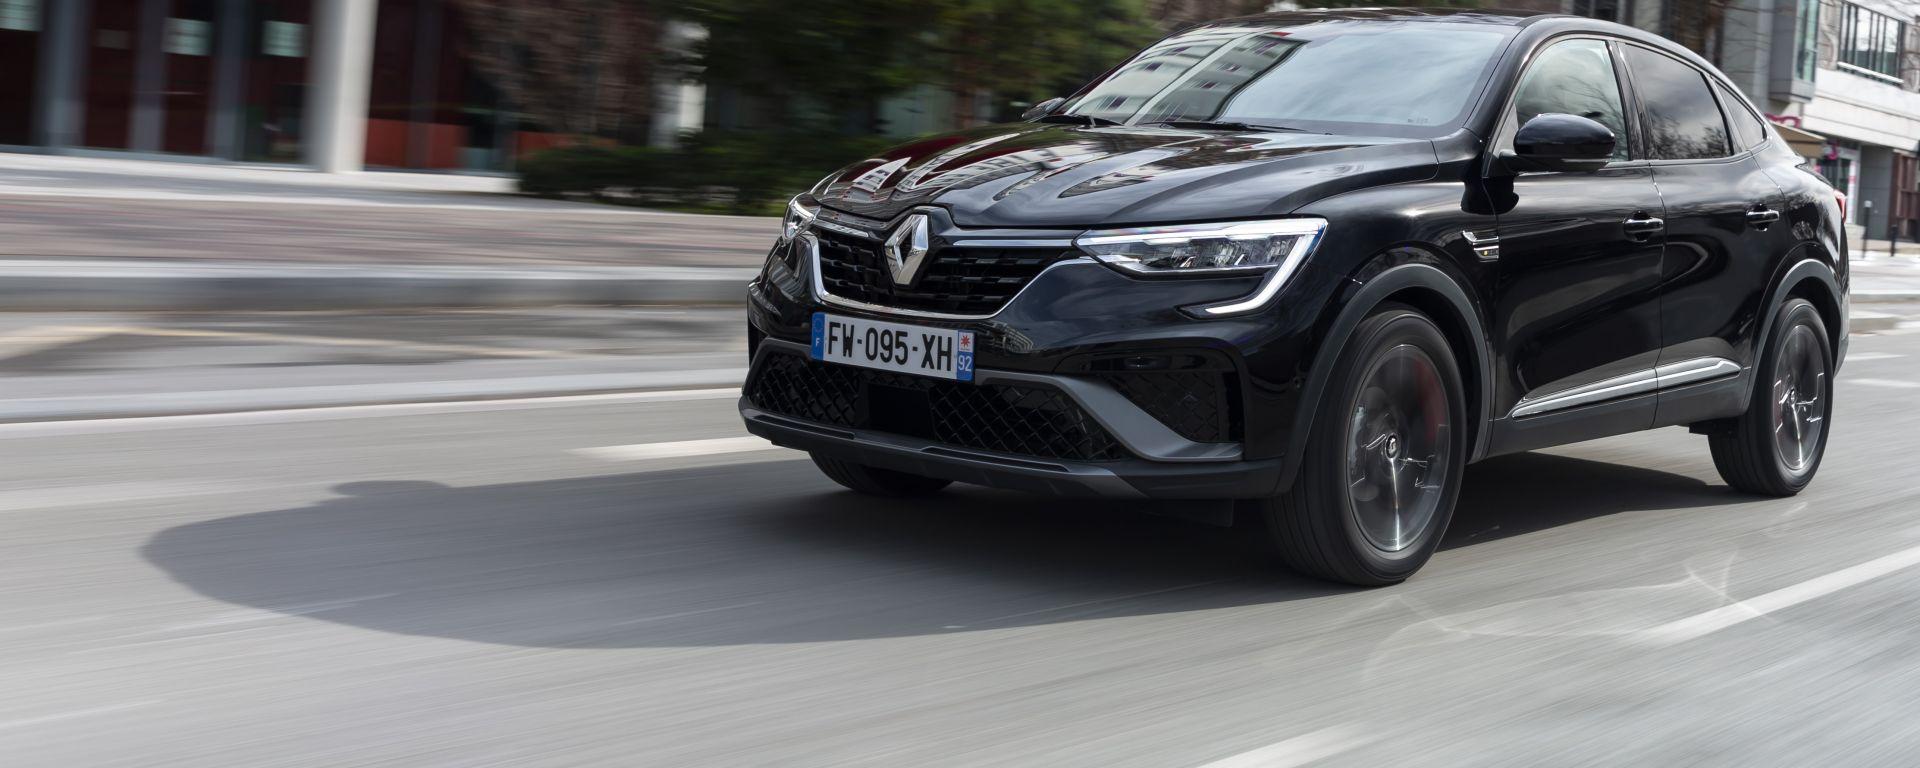 Nuova Renault Arkana, via al countdown